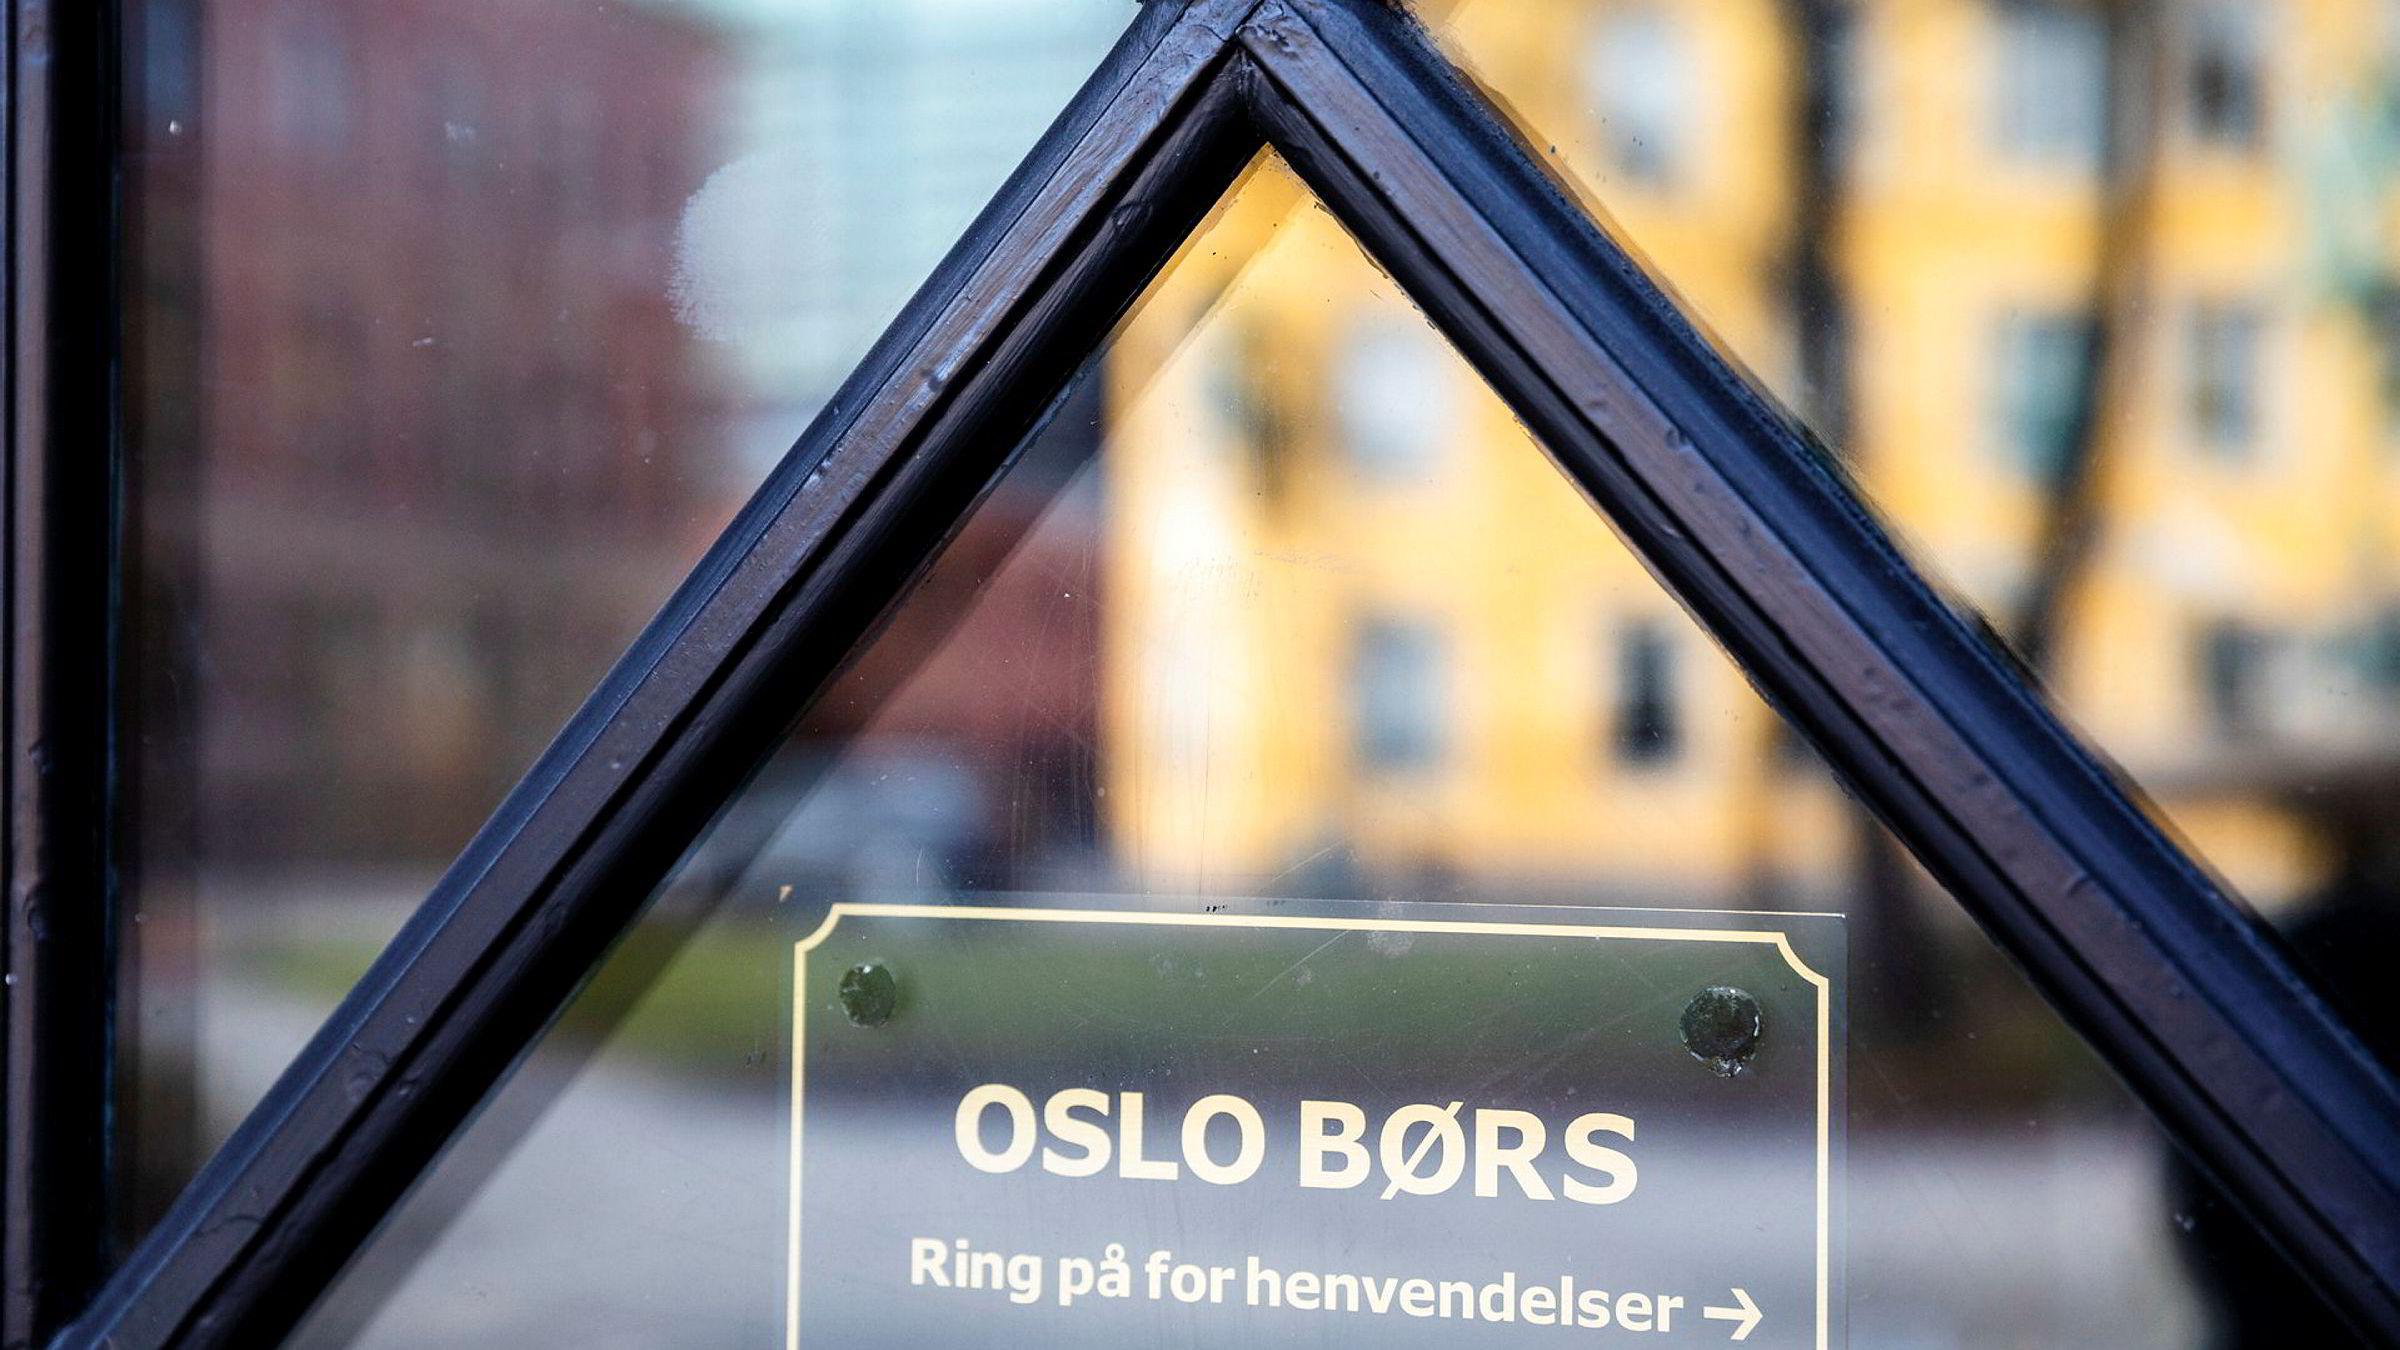 Aksjefond som investerer på Oslo Børs har tapt 25 prosent av verdien i løpet av tre måneder.